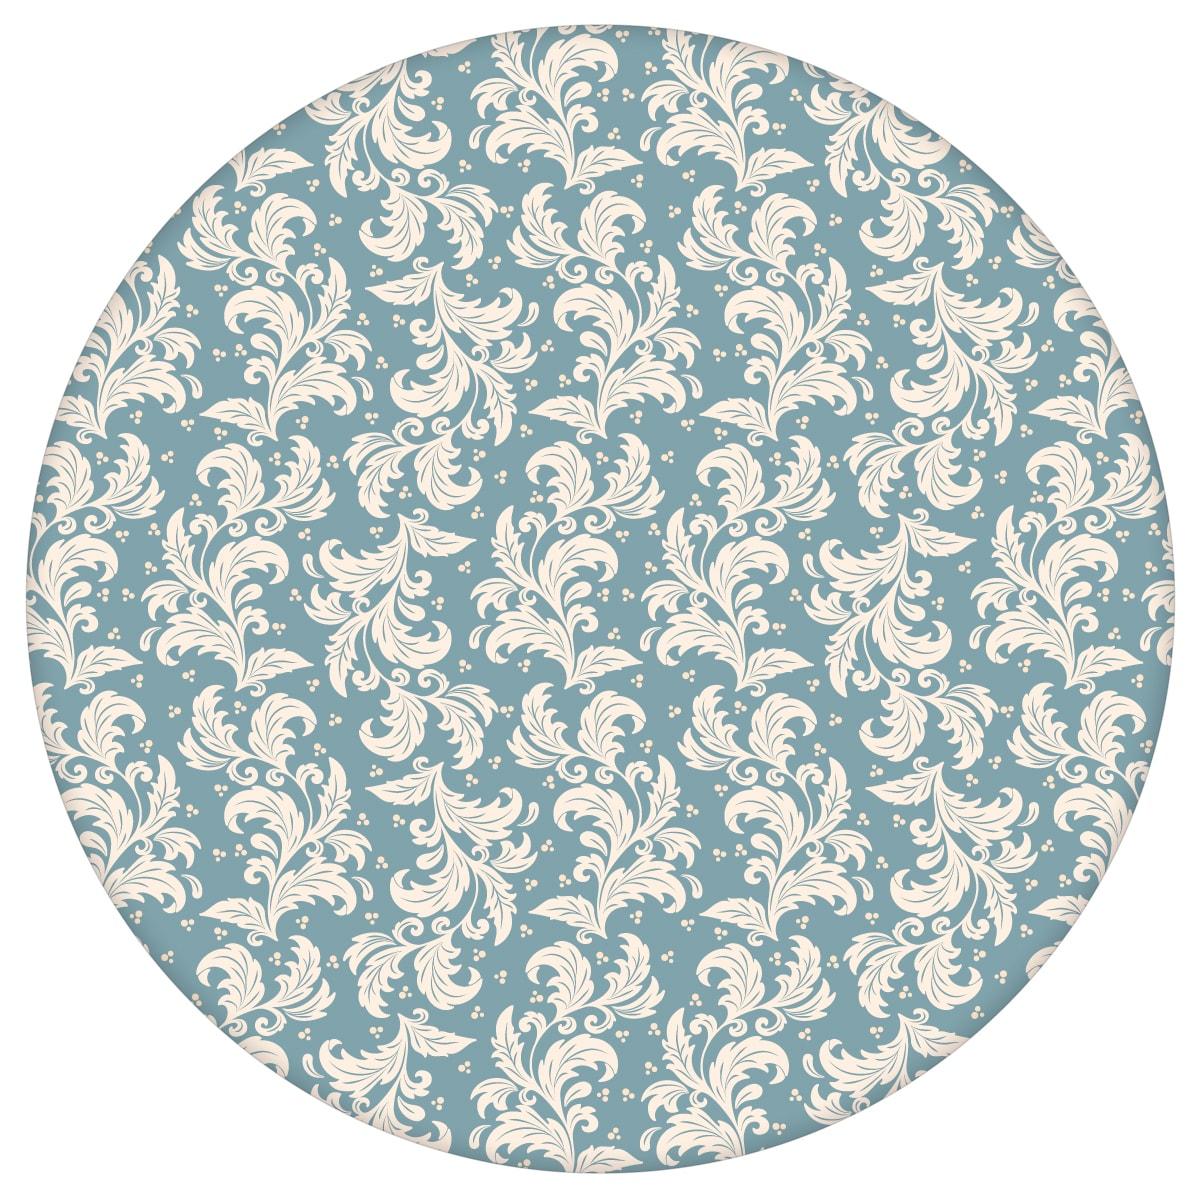 Full Size of Ornamenttapete Nostalgie Ranken Mit Blatt Muster In Hellblau Tapeten Für Küche Fototapeten Wohnzimmer Big Sofa Poco Beistelltisch Garten Schlafzimmer Wohnzimmer Tapeten Bei Poco